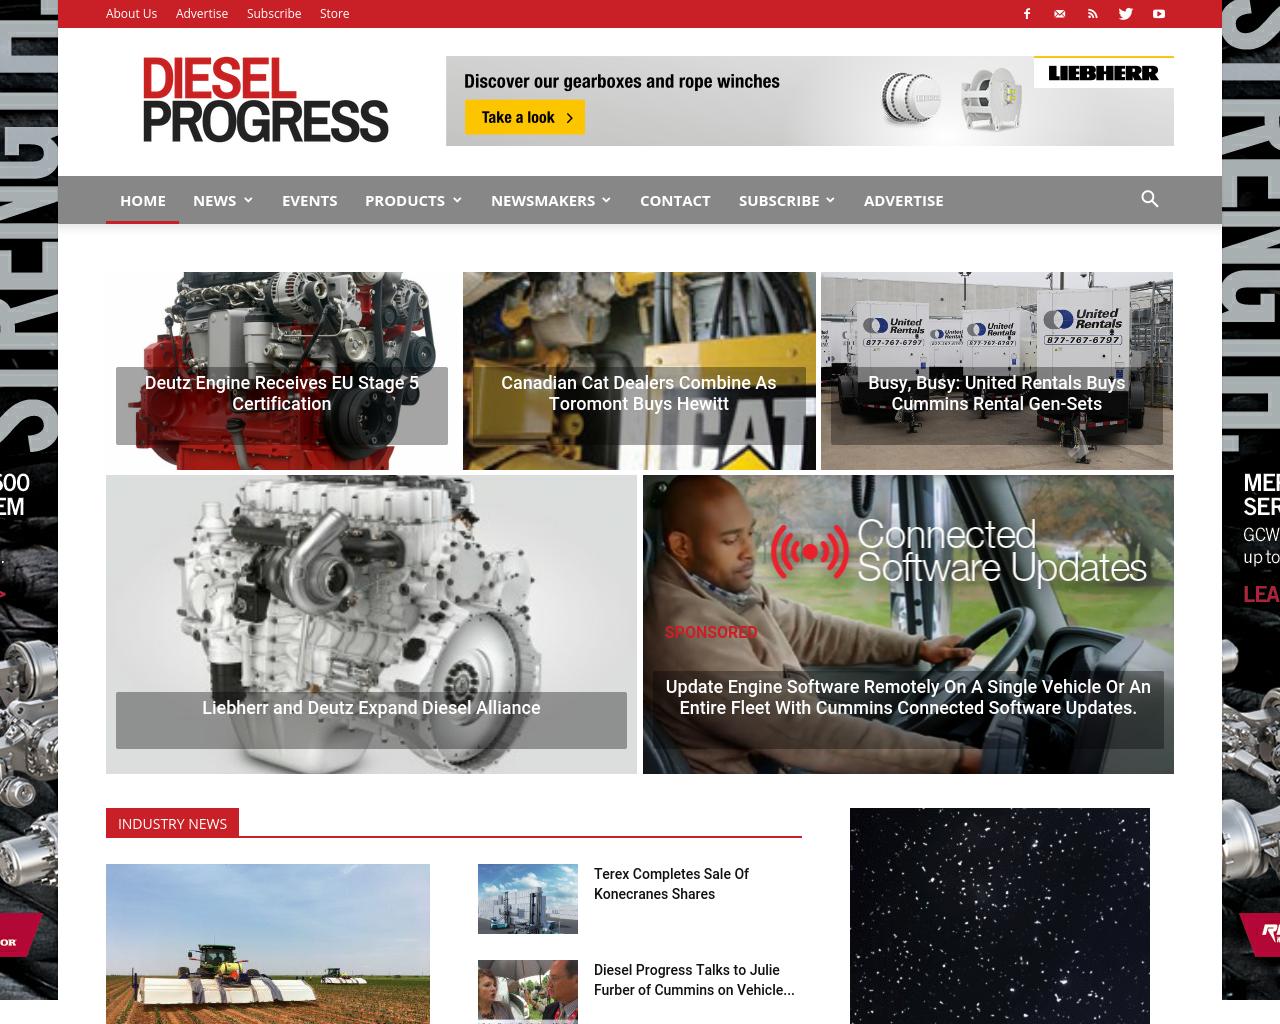 DIESEL-PROGRESS-Advertising-Reviews-Pricing